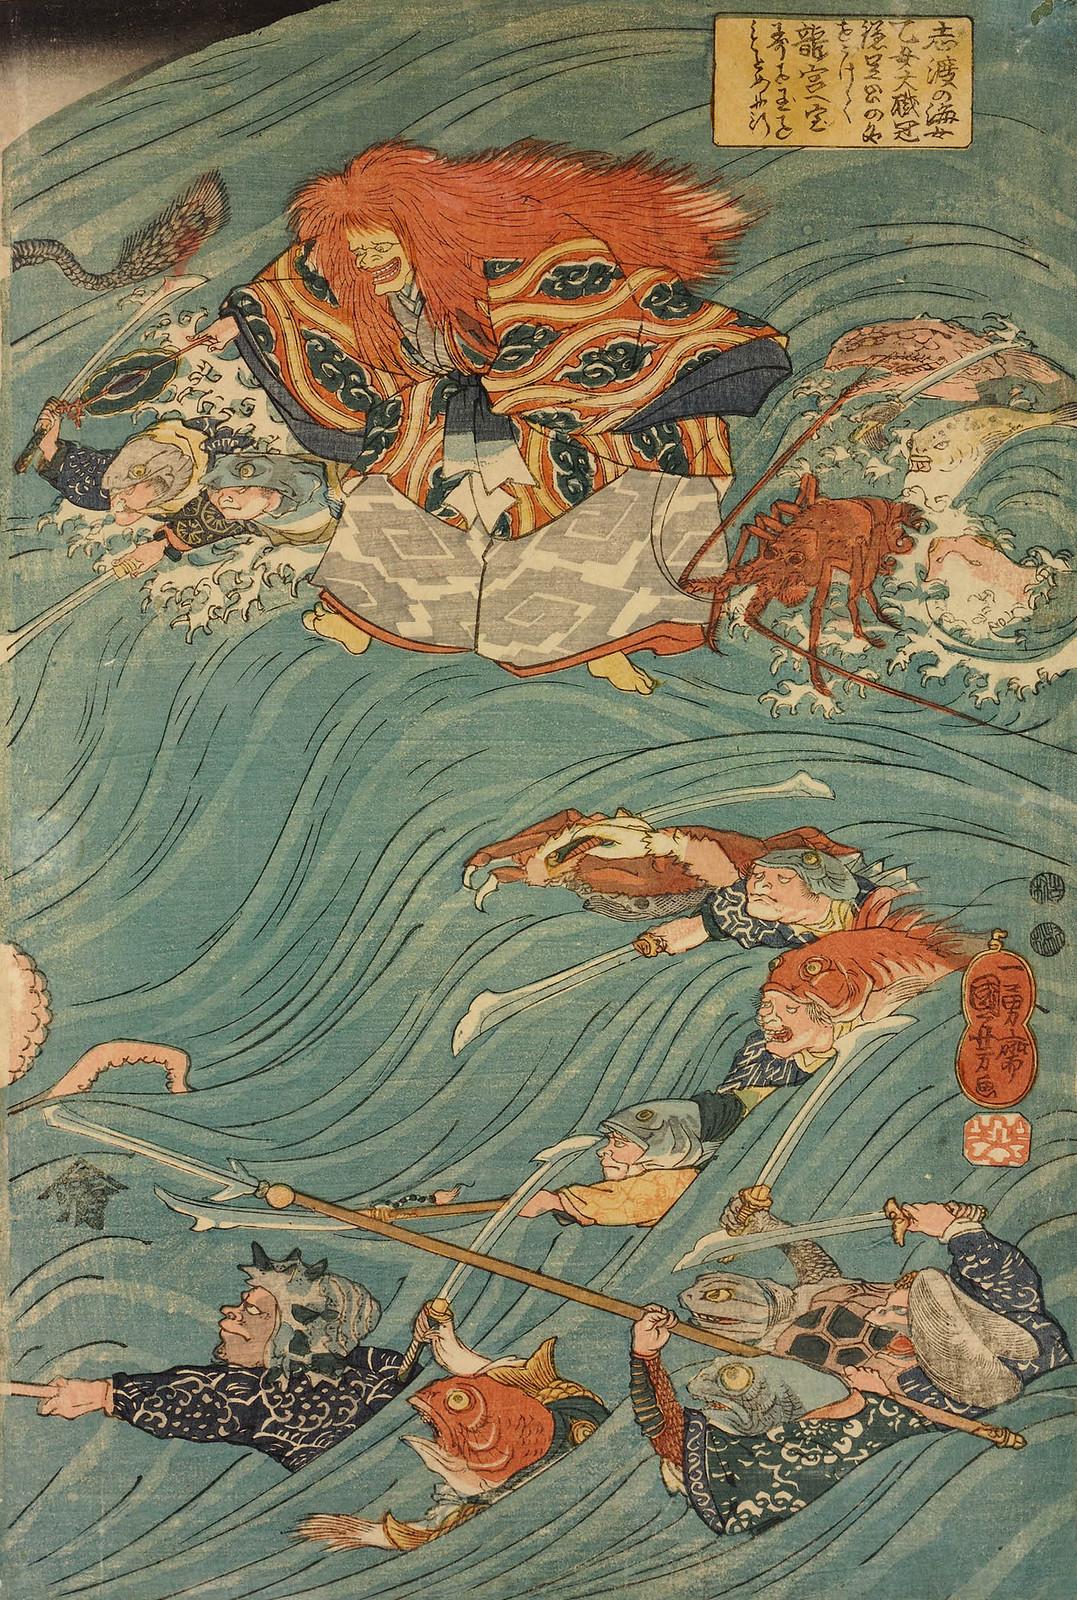 Utagawa Kuniyoshi - Shizu no ama otome Daishokan, 1847-48 (right panel)